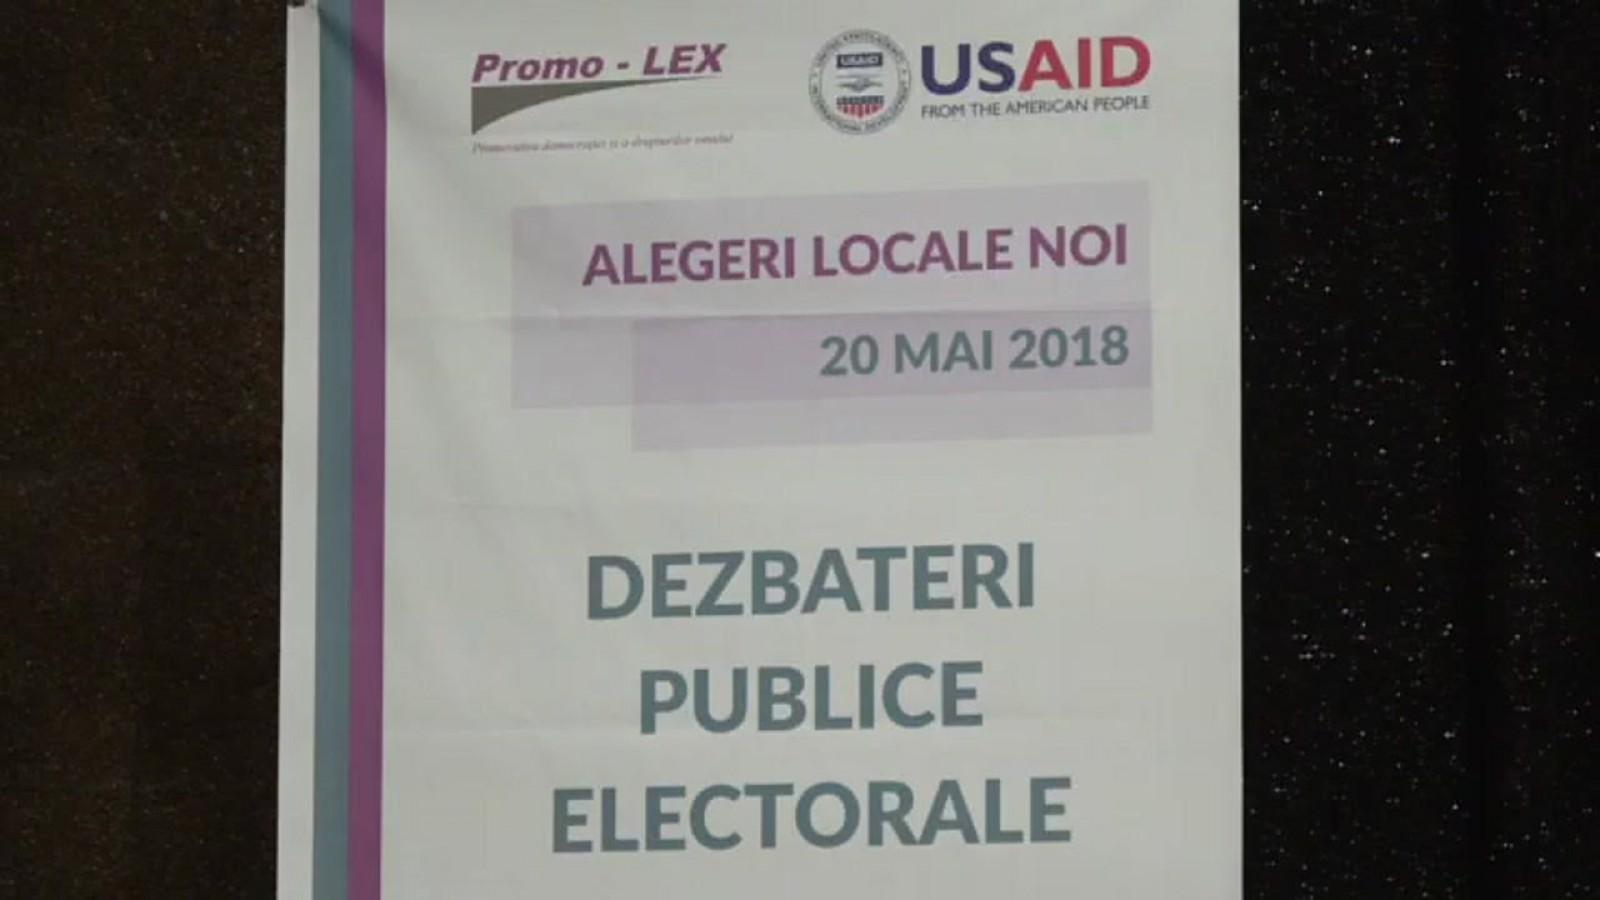 (video/update) Dezbateri publice electorale pentru Primăria municipiului Bălți